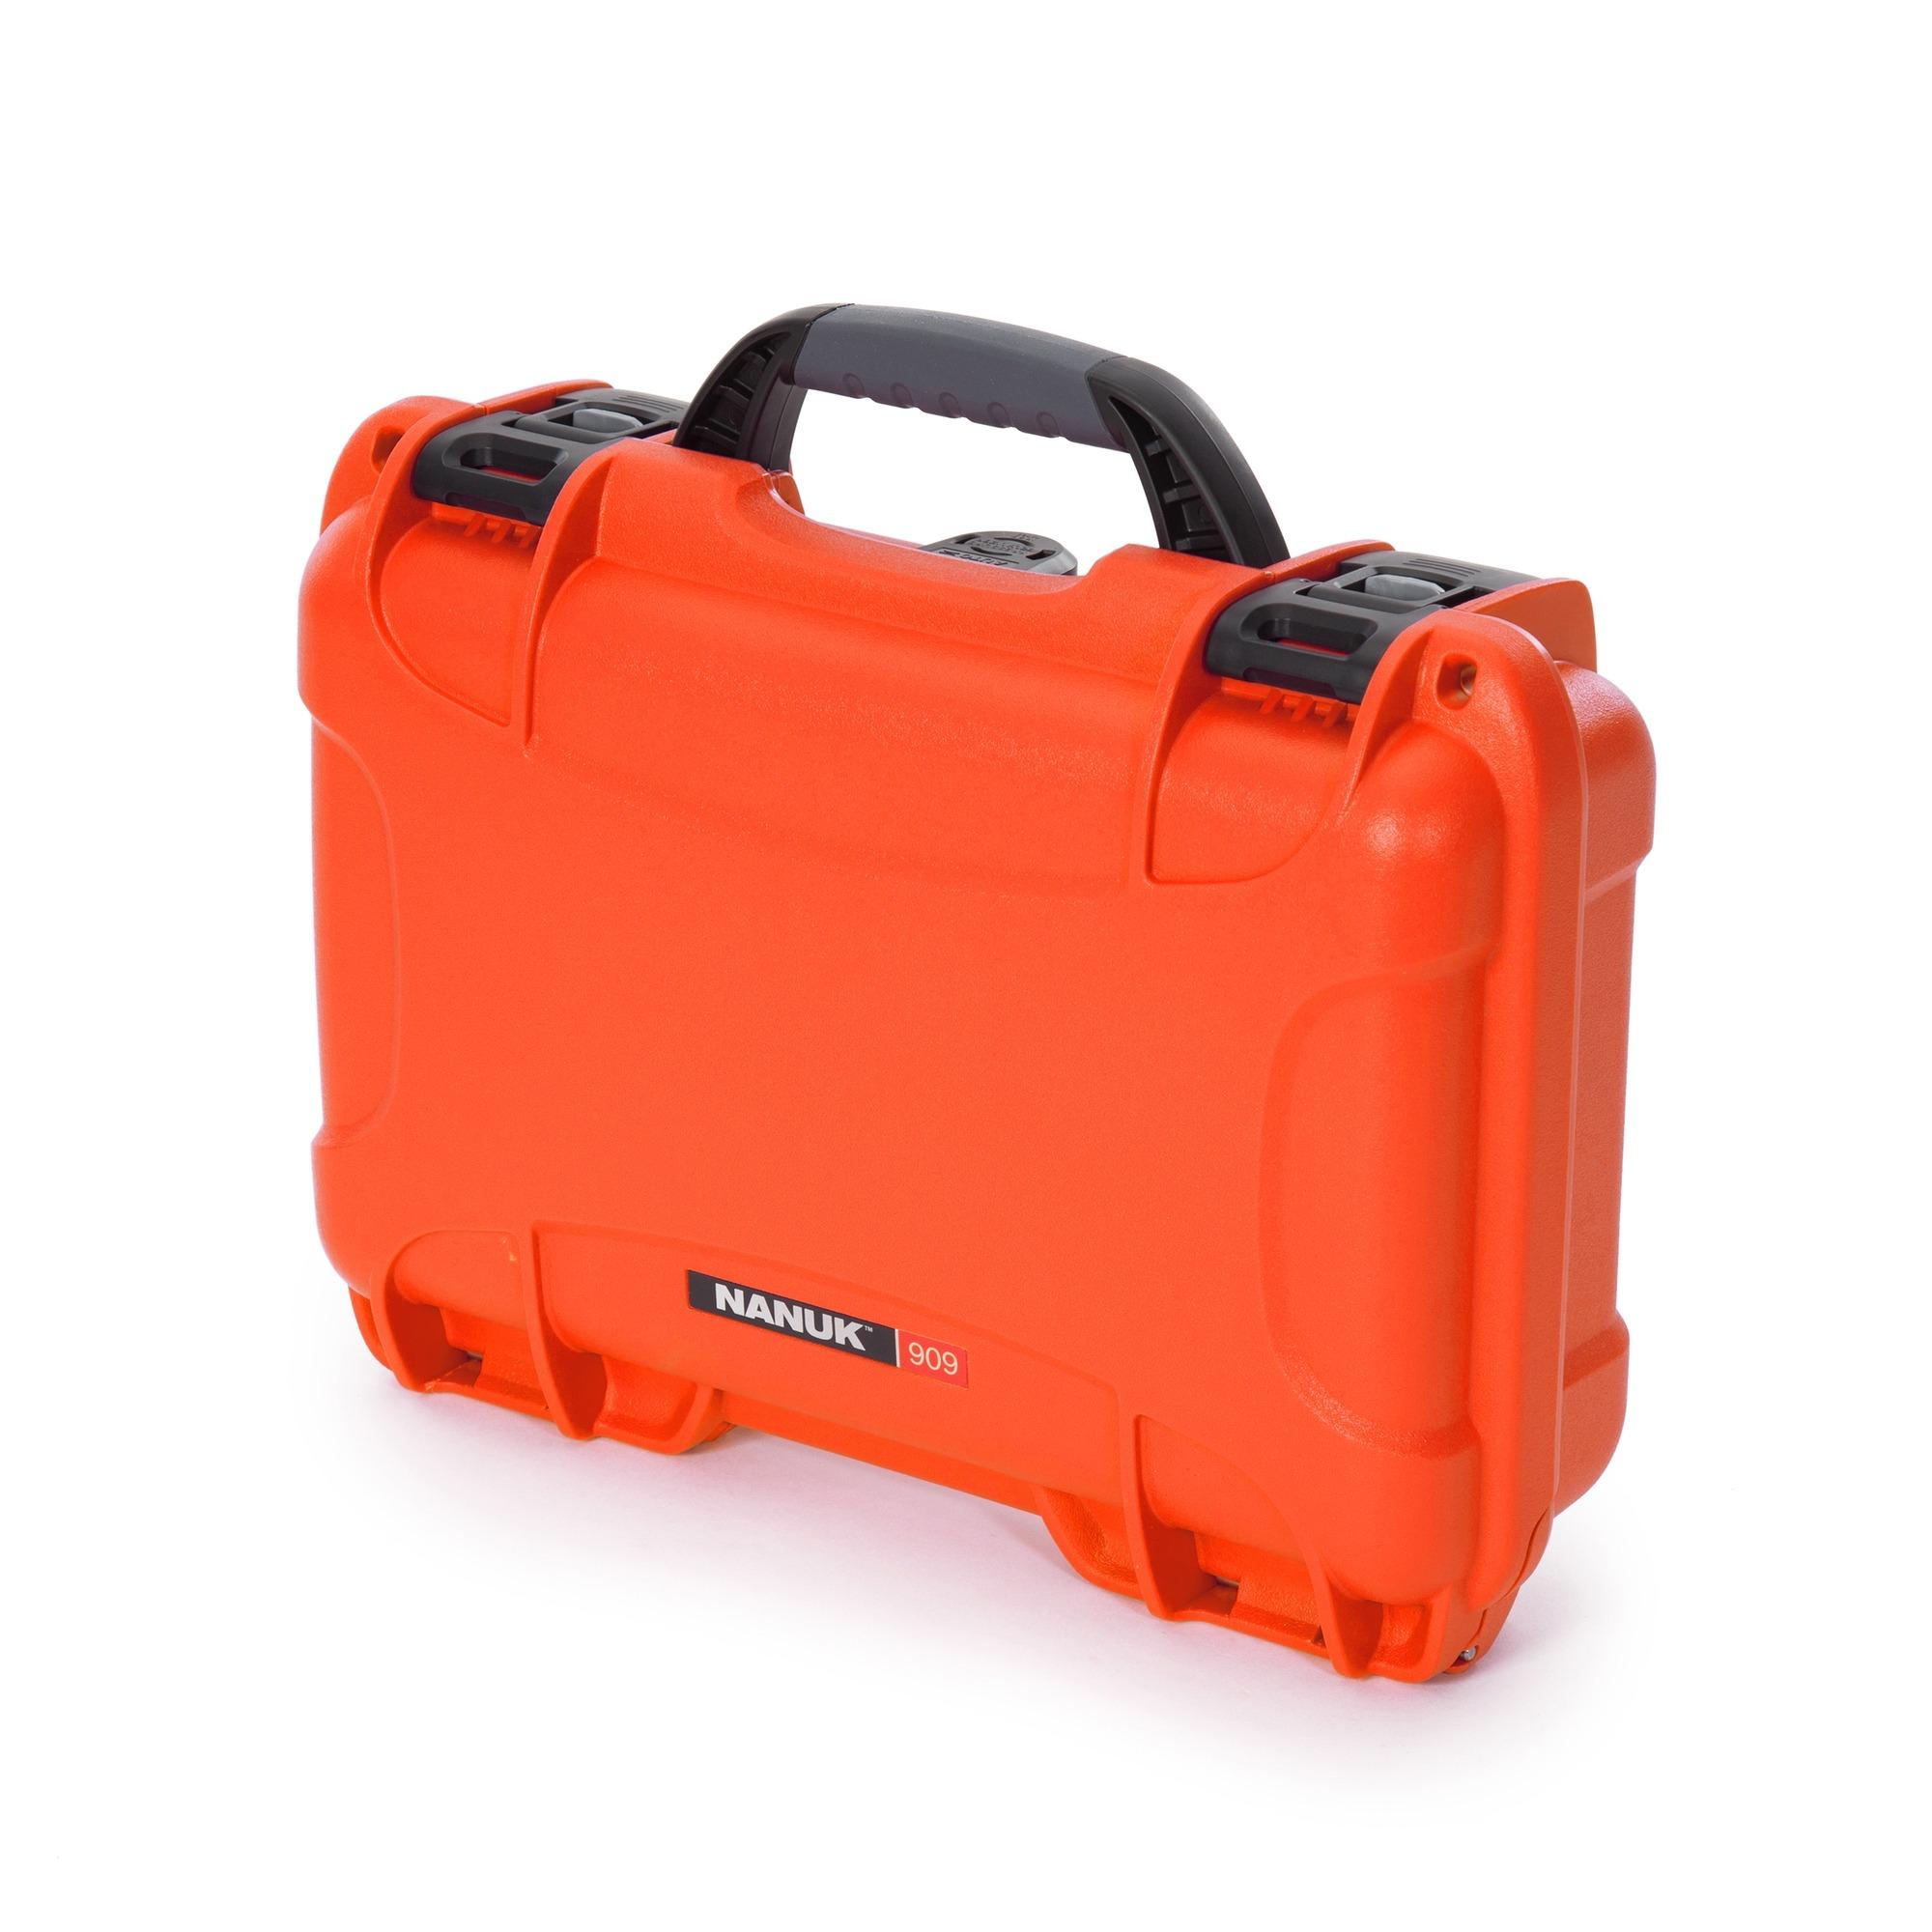 Nanuk 909 – Orange